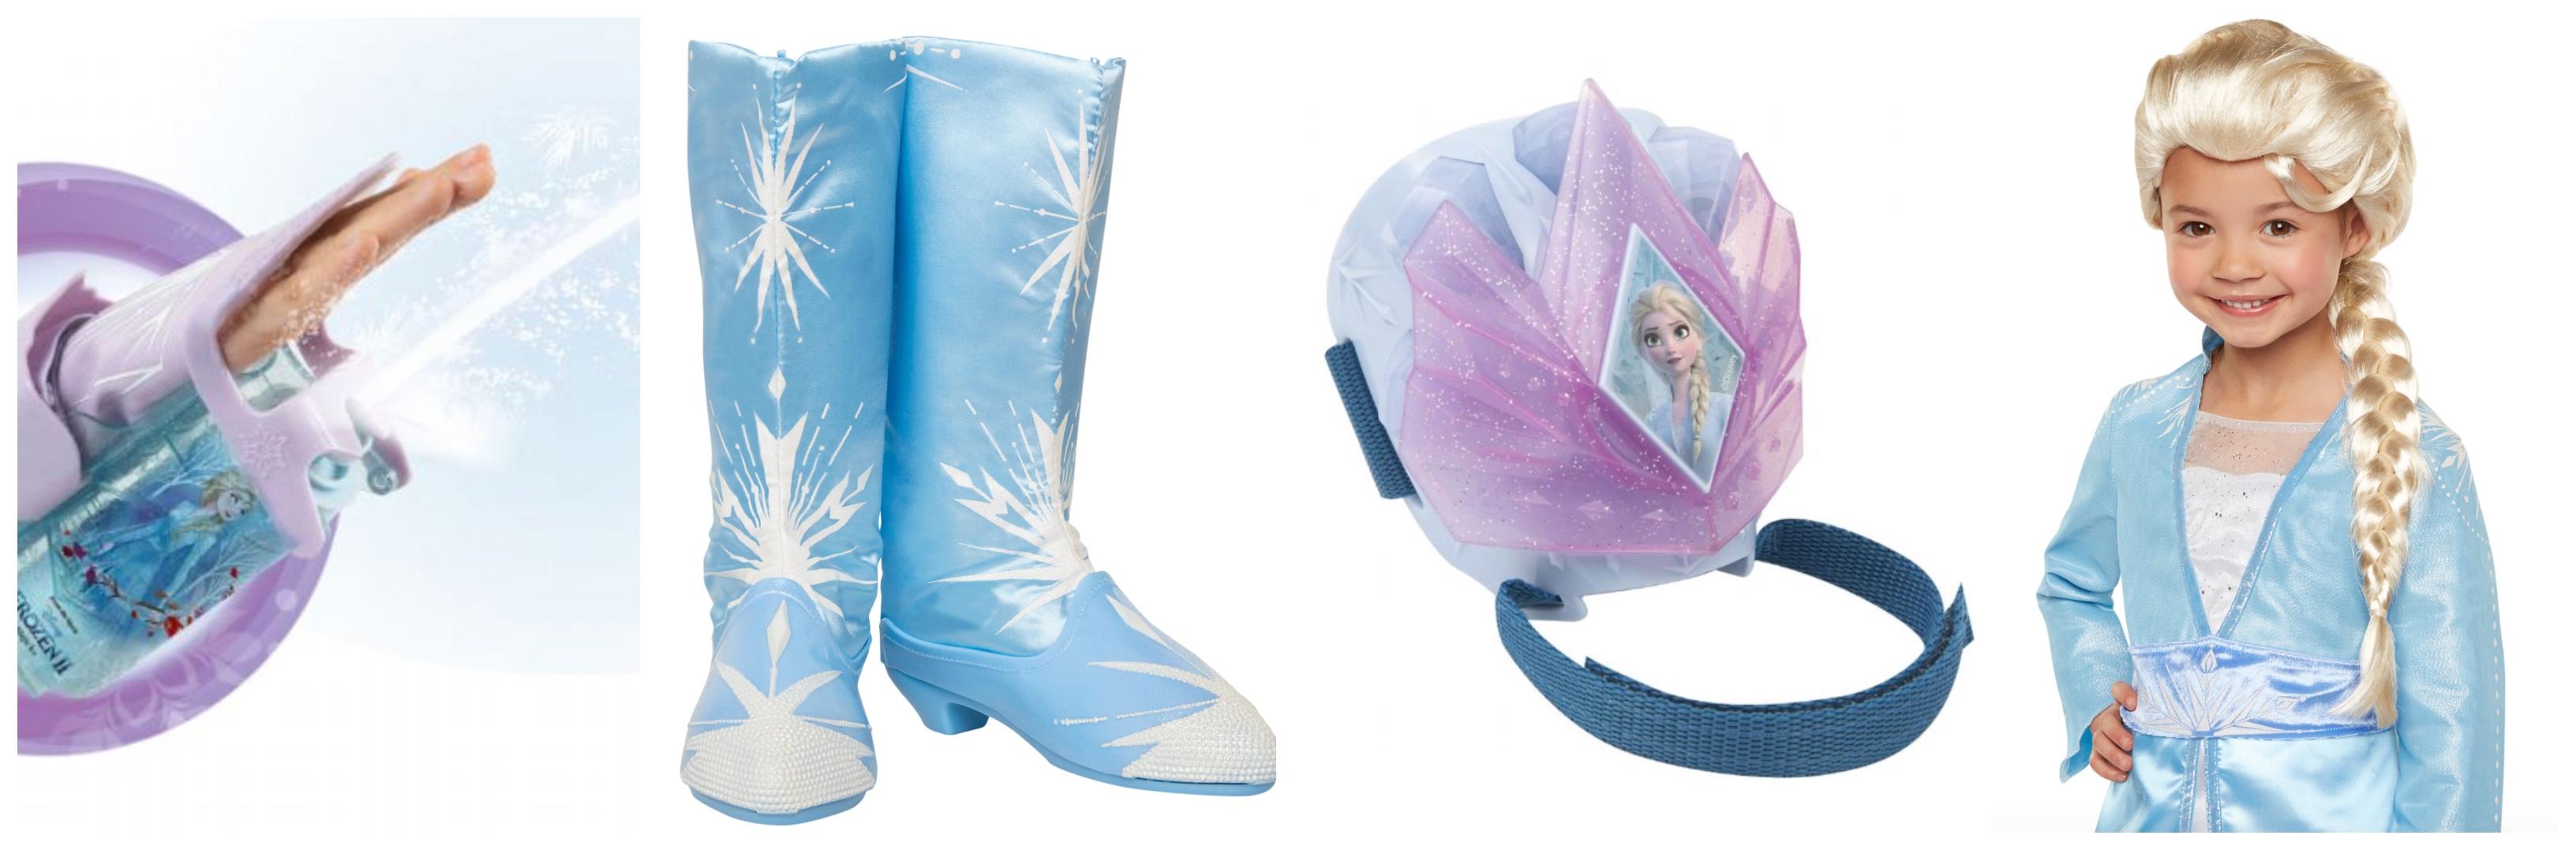 tilbehør til Elsa kostume til børn - Elsa kostume til børn